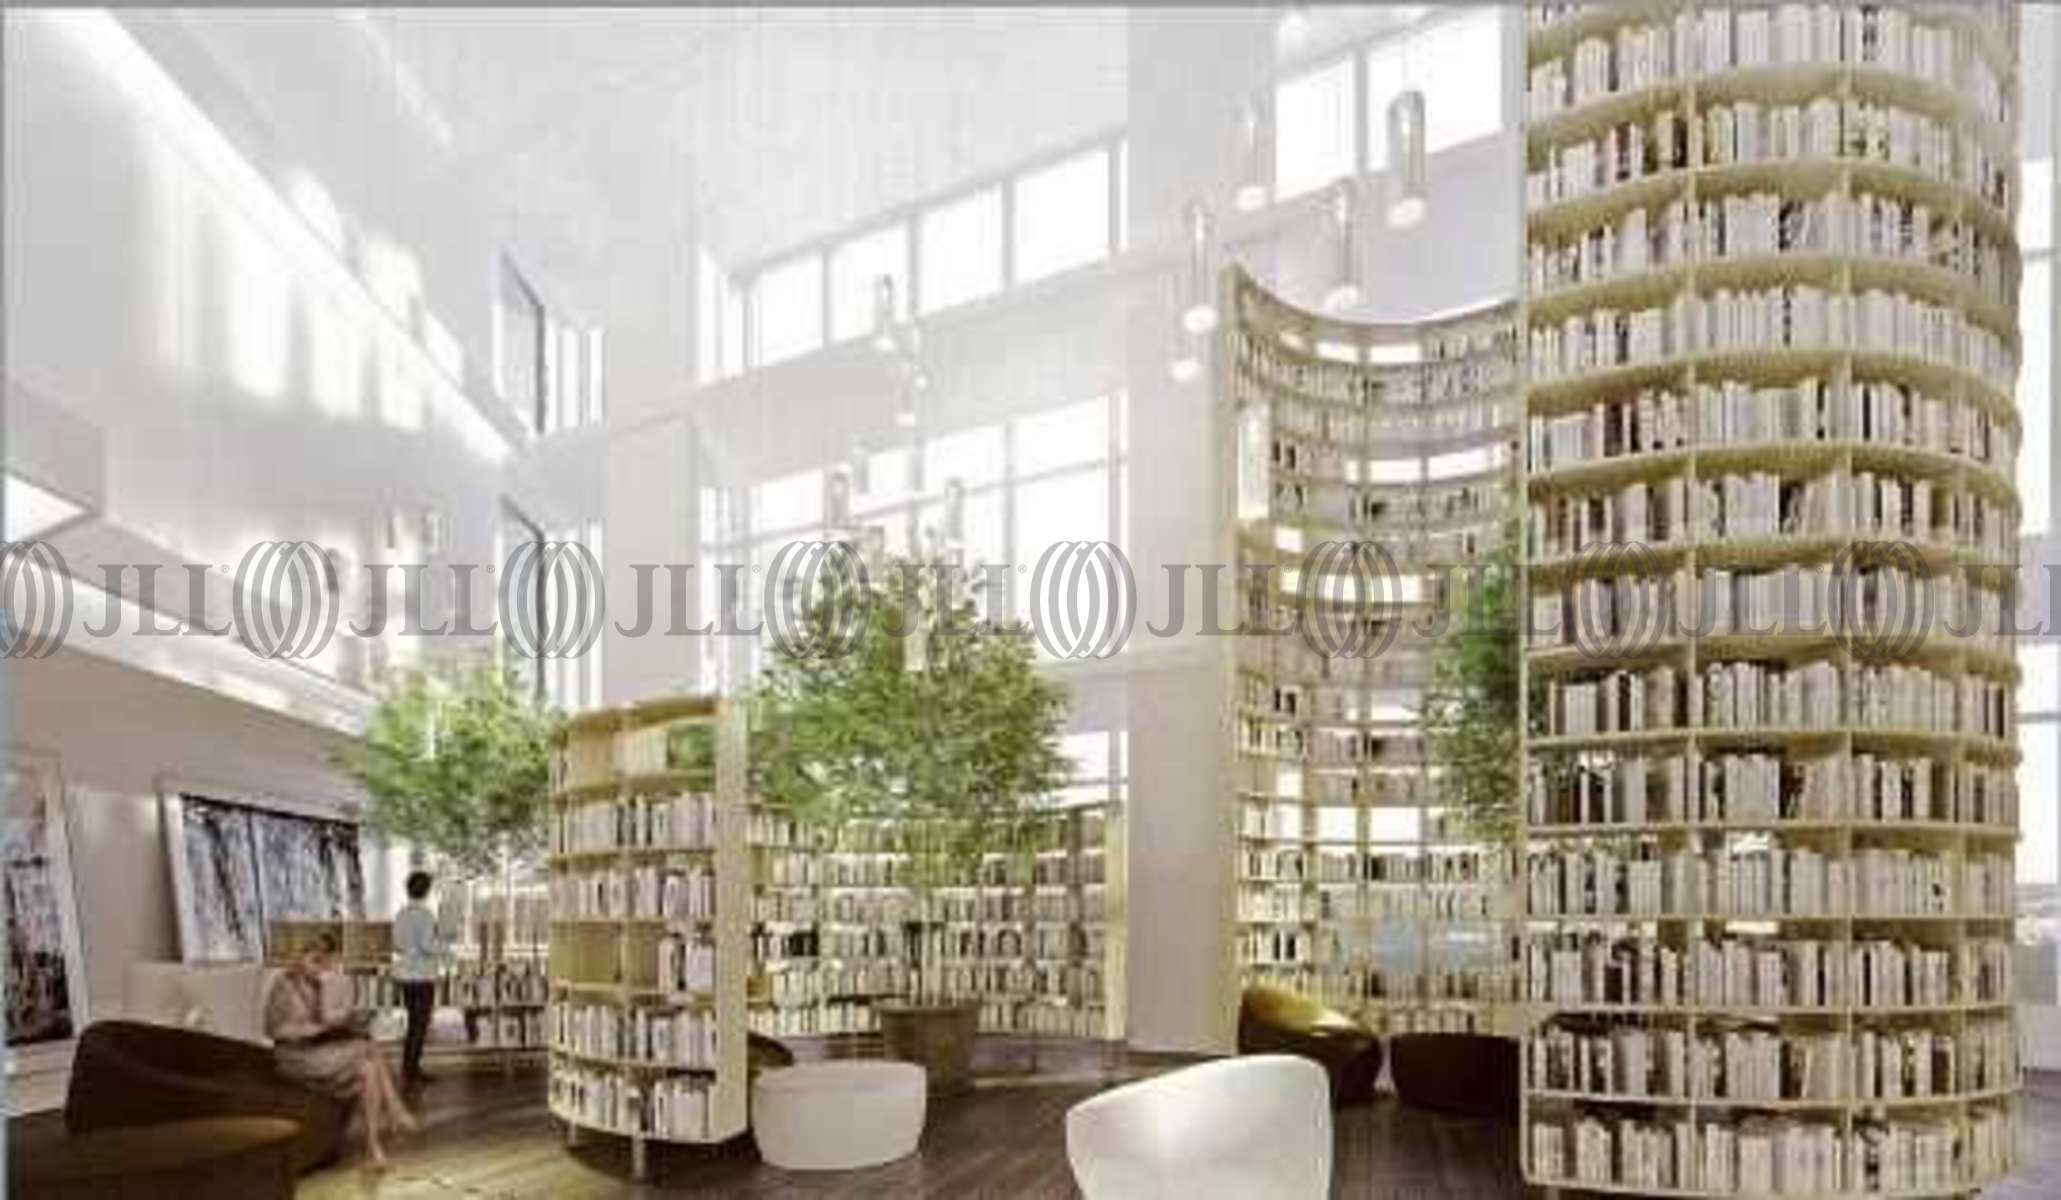 bureaux louer centre d 39 affaires kwerk tour first 92400 courbevoie 56914 jll. Black Bedroom Furniture Sets. Home Design Ideas